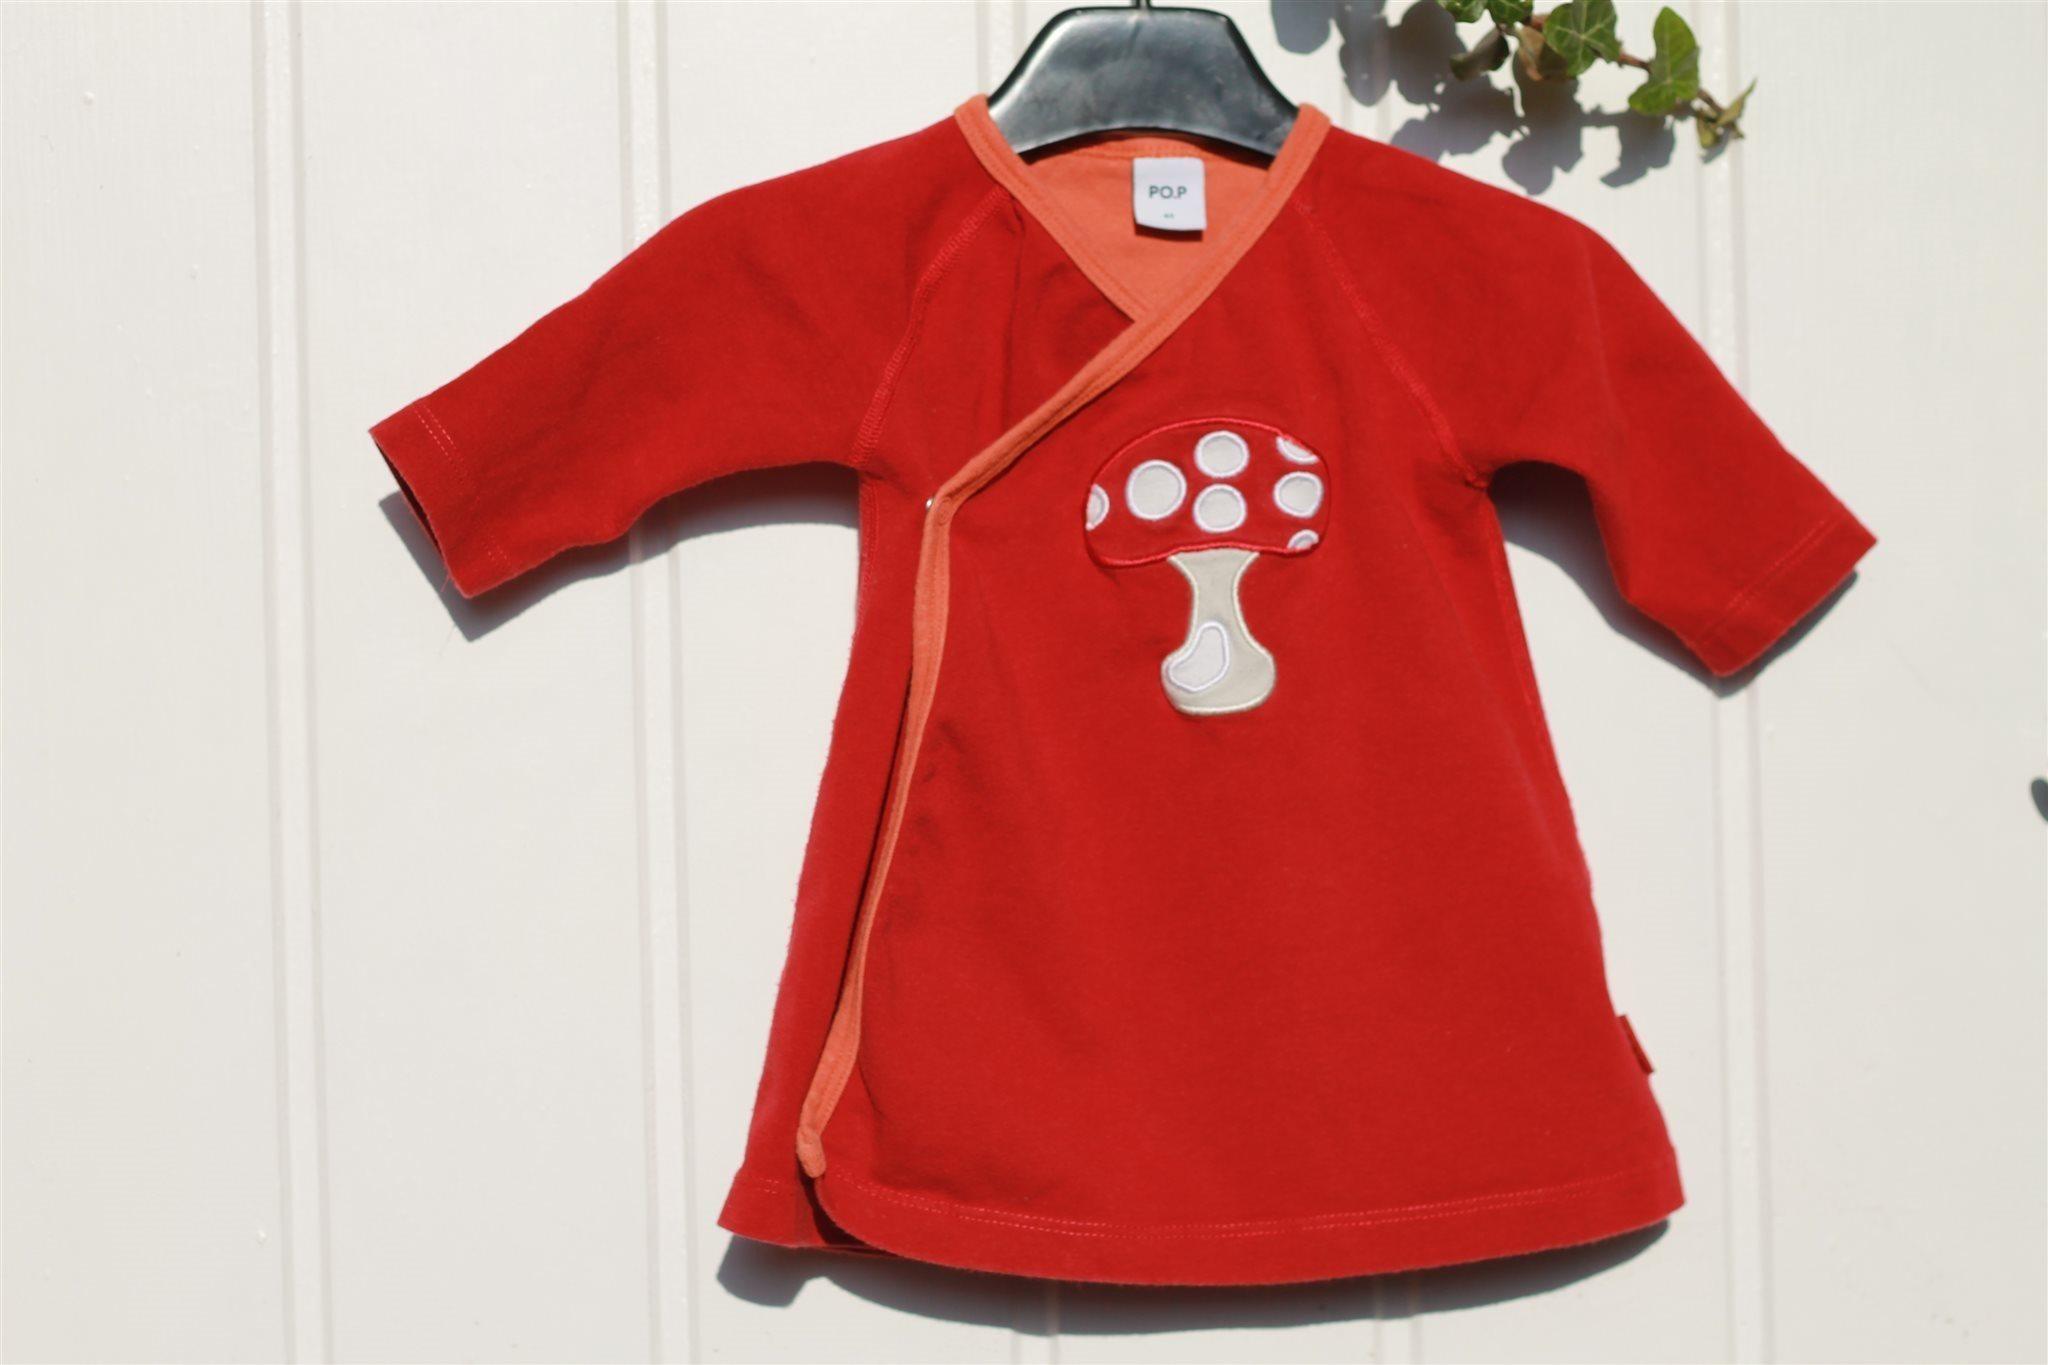 57761d8c3b0a P.o.P Röd omlott baby klänning med svamp motiv.. (347891933) ᐈ Köp ...